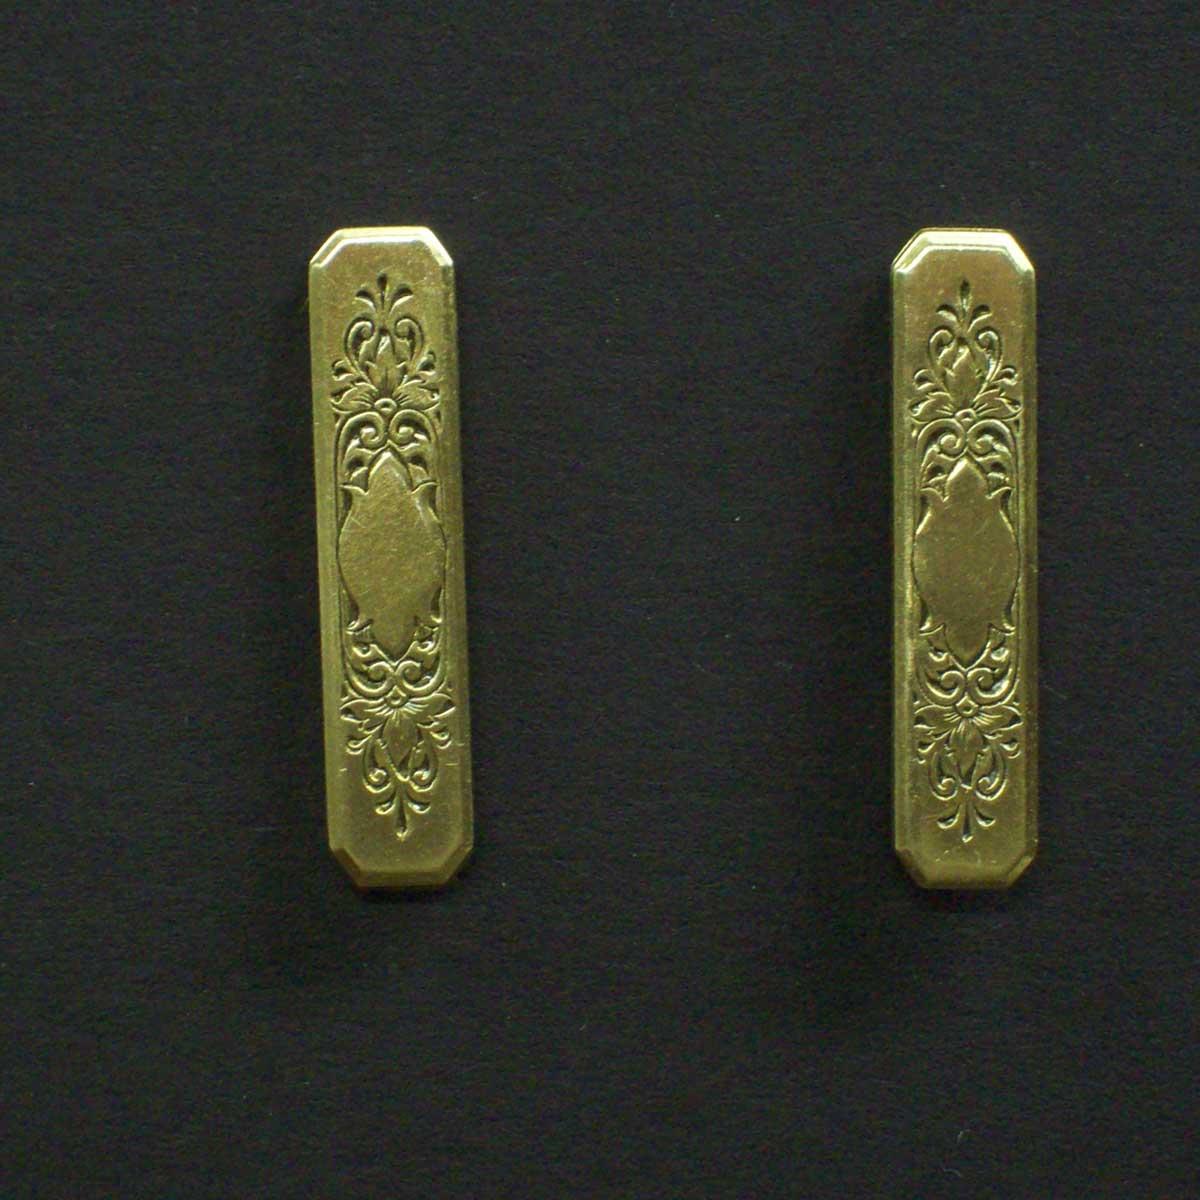 Vintage Engraved Post Earrings